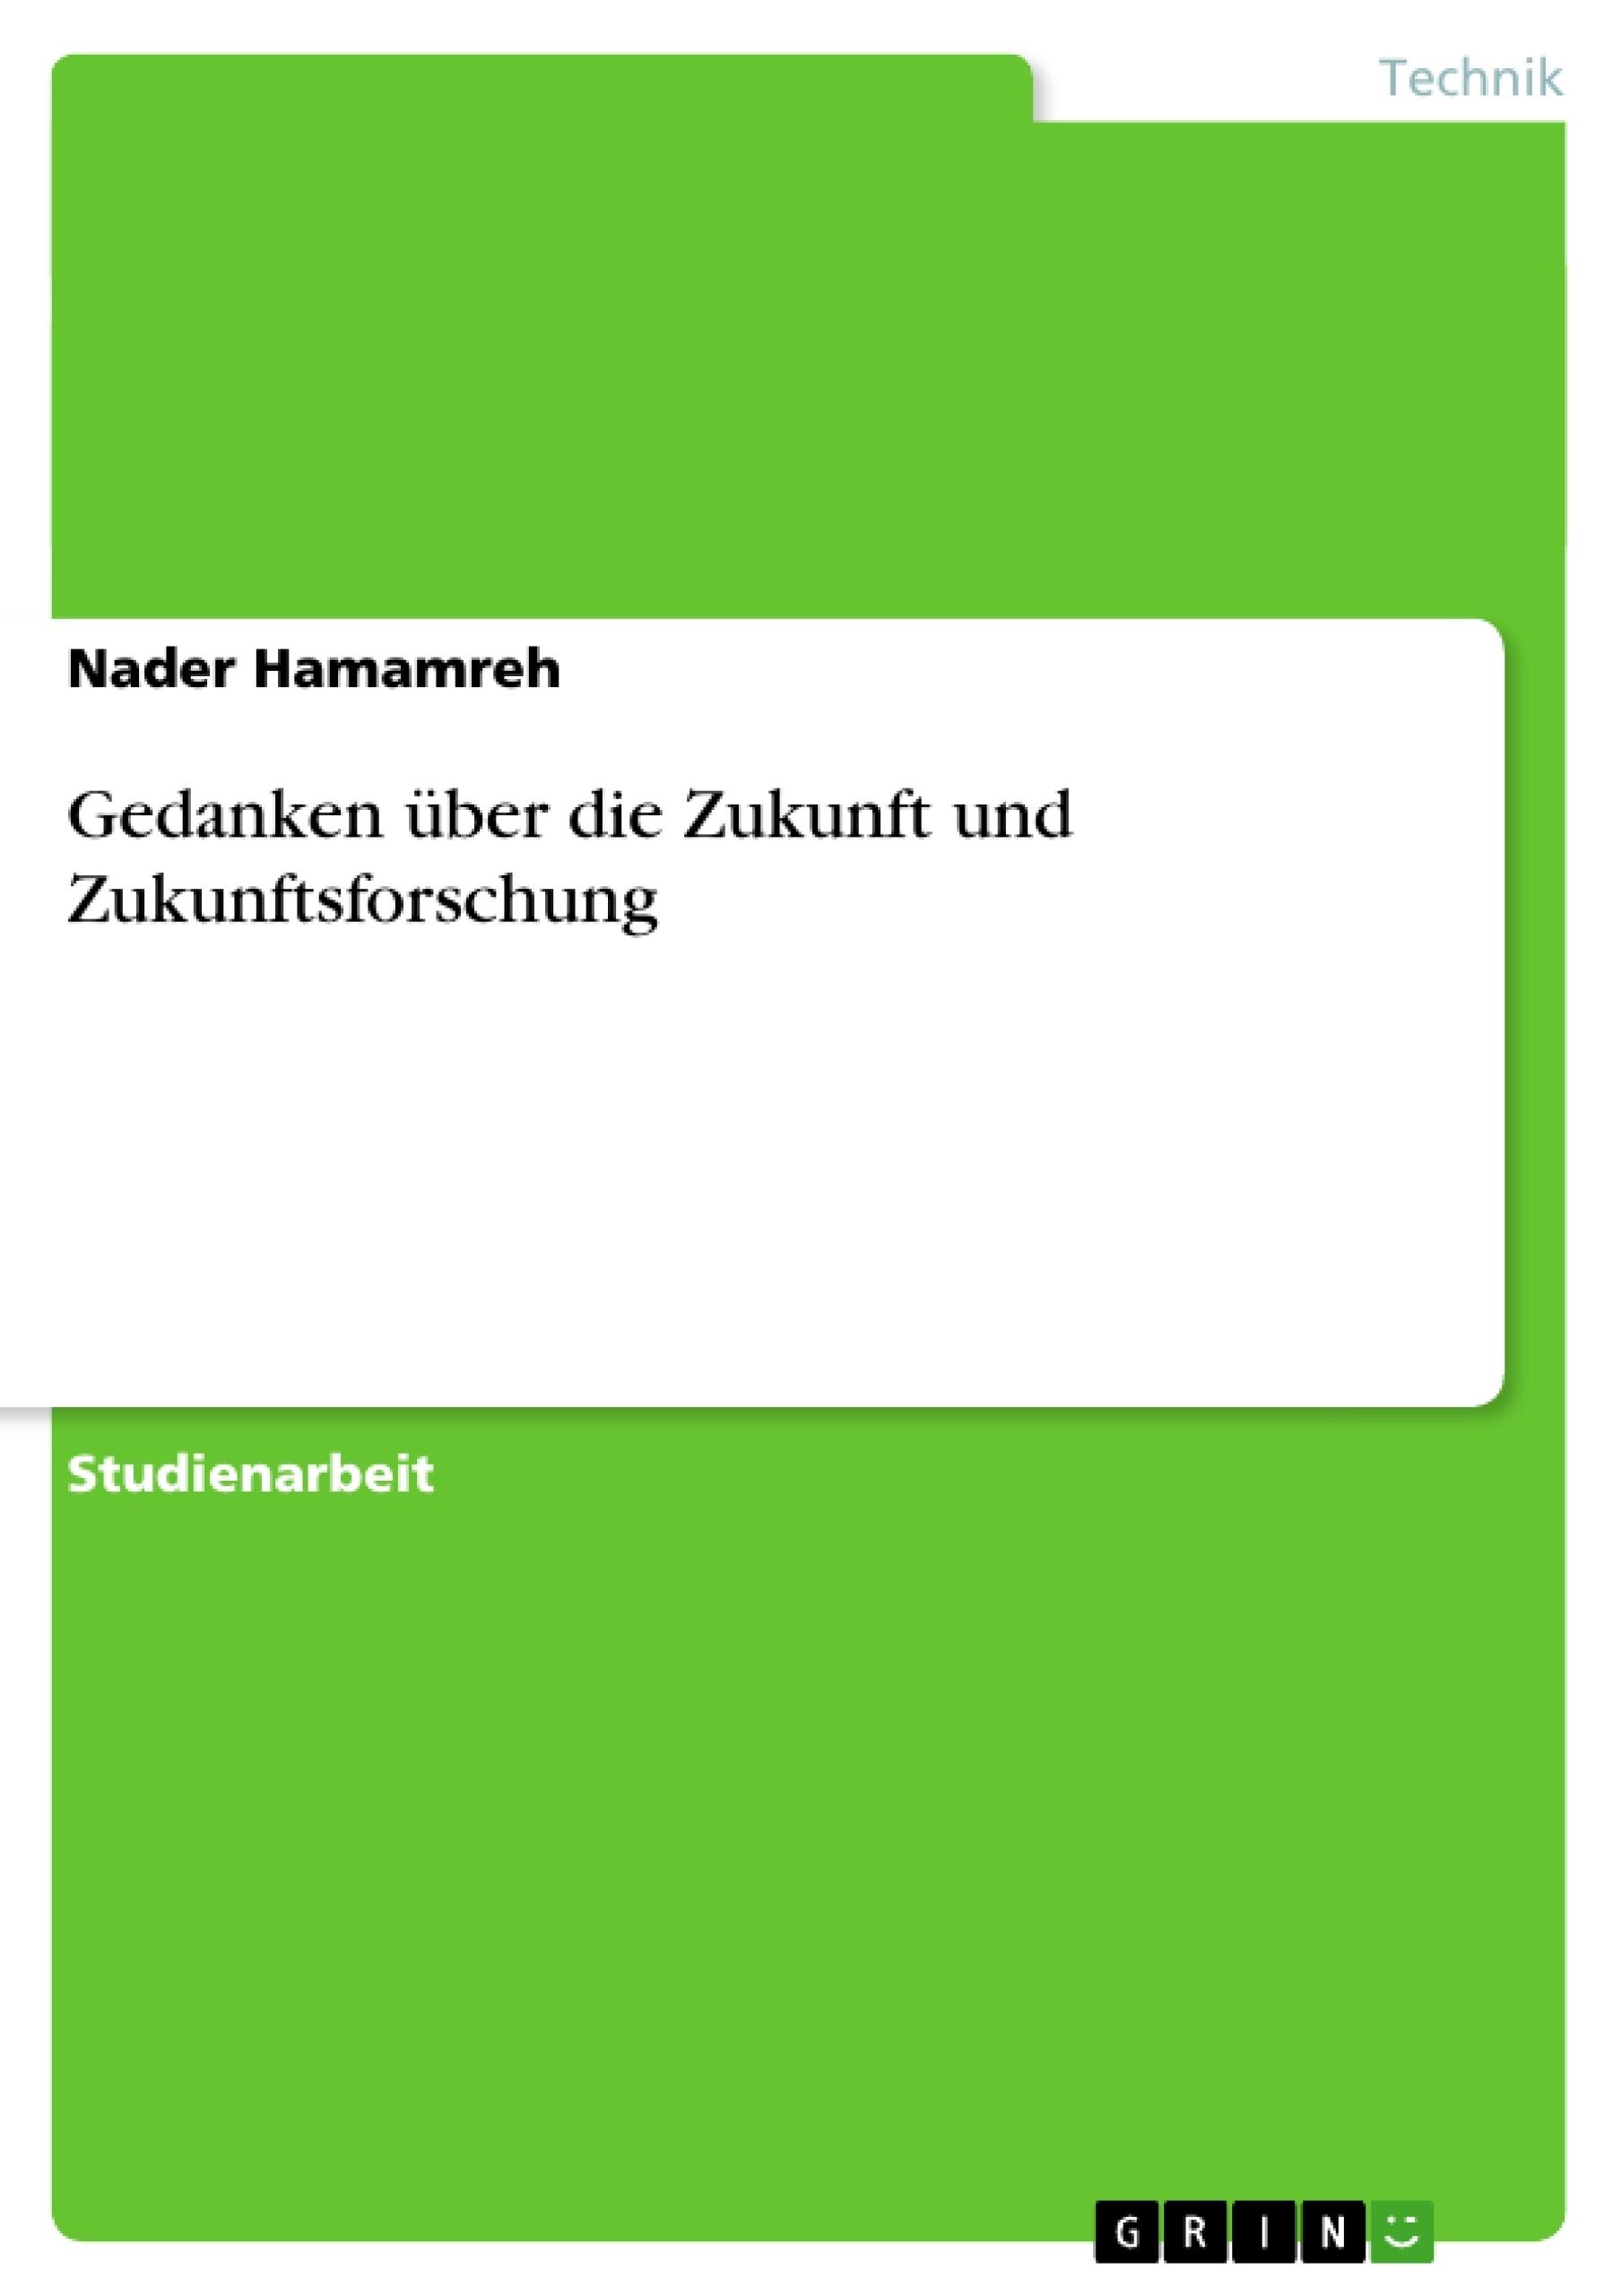 Titel: Gedanken über die Zukunft und Zukunftsforschung